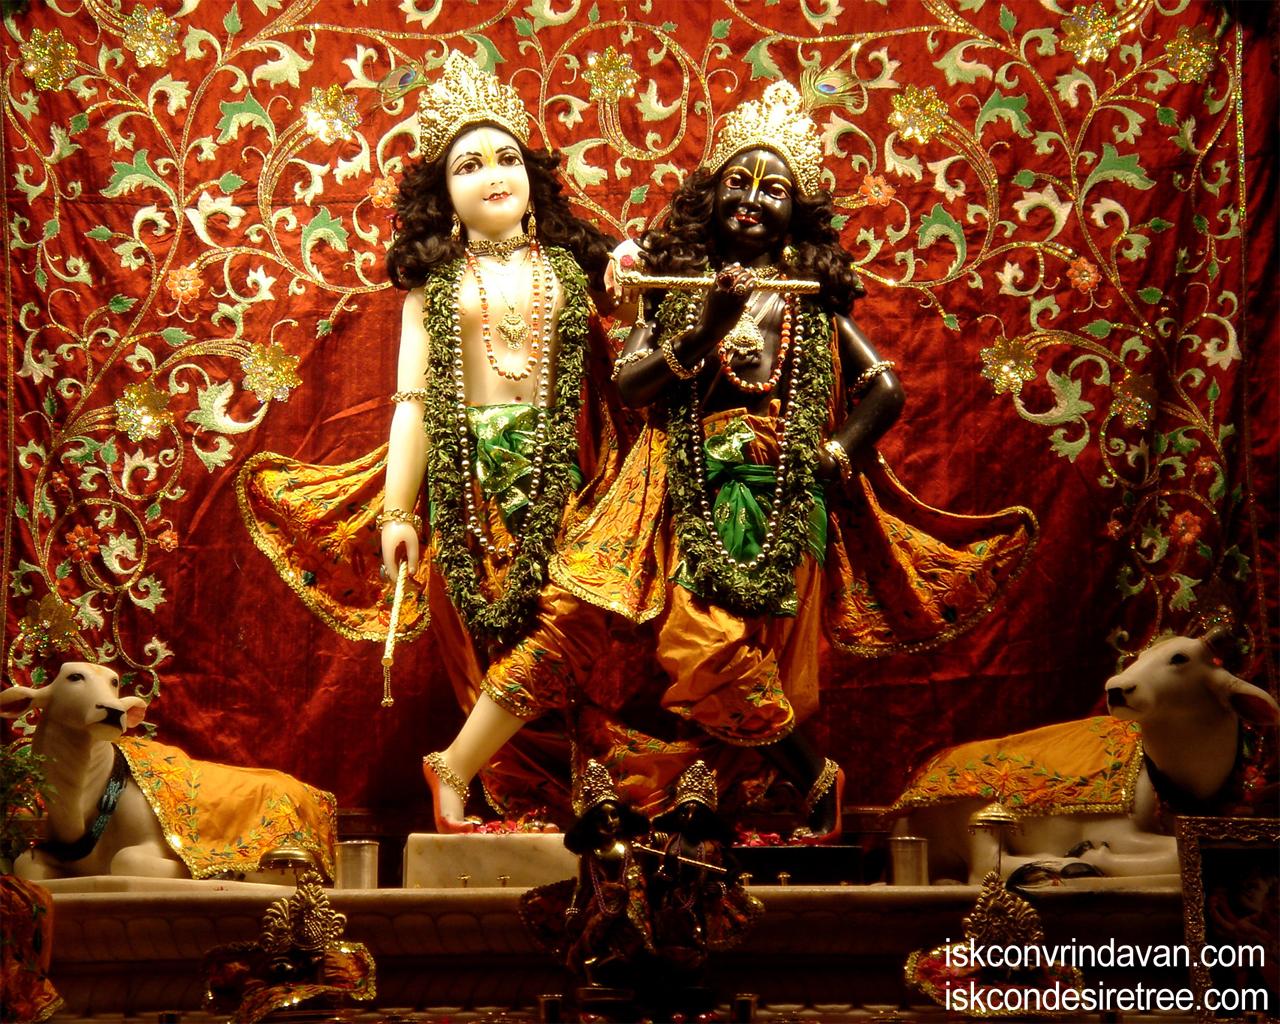 Sri Sri Krishna Balaram Wallpaper (087) Size 1280x1024 Download